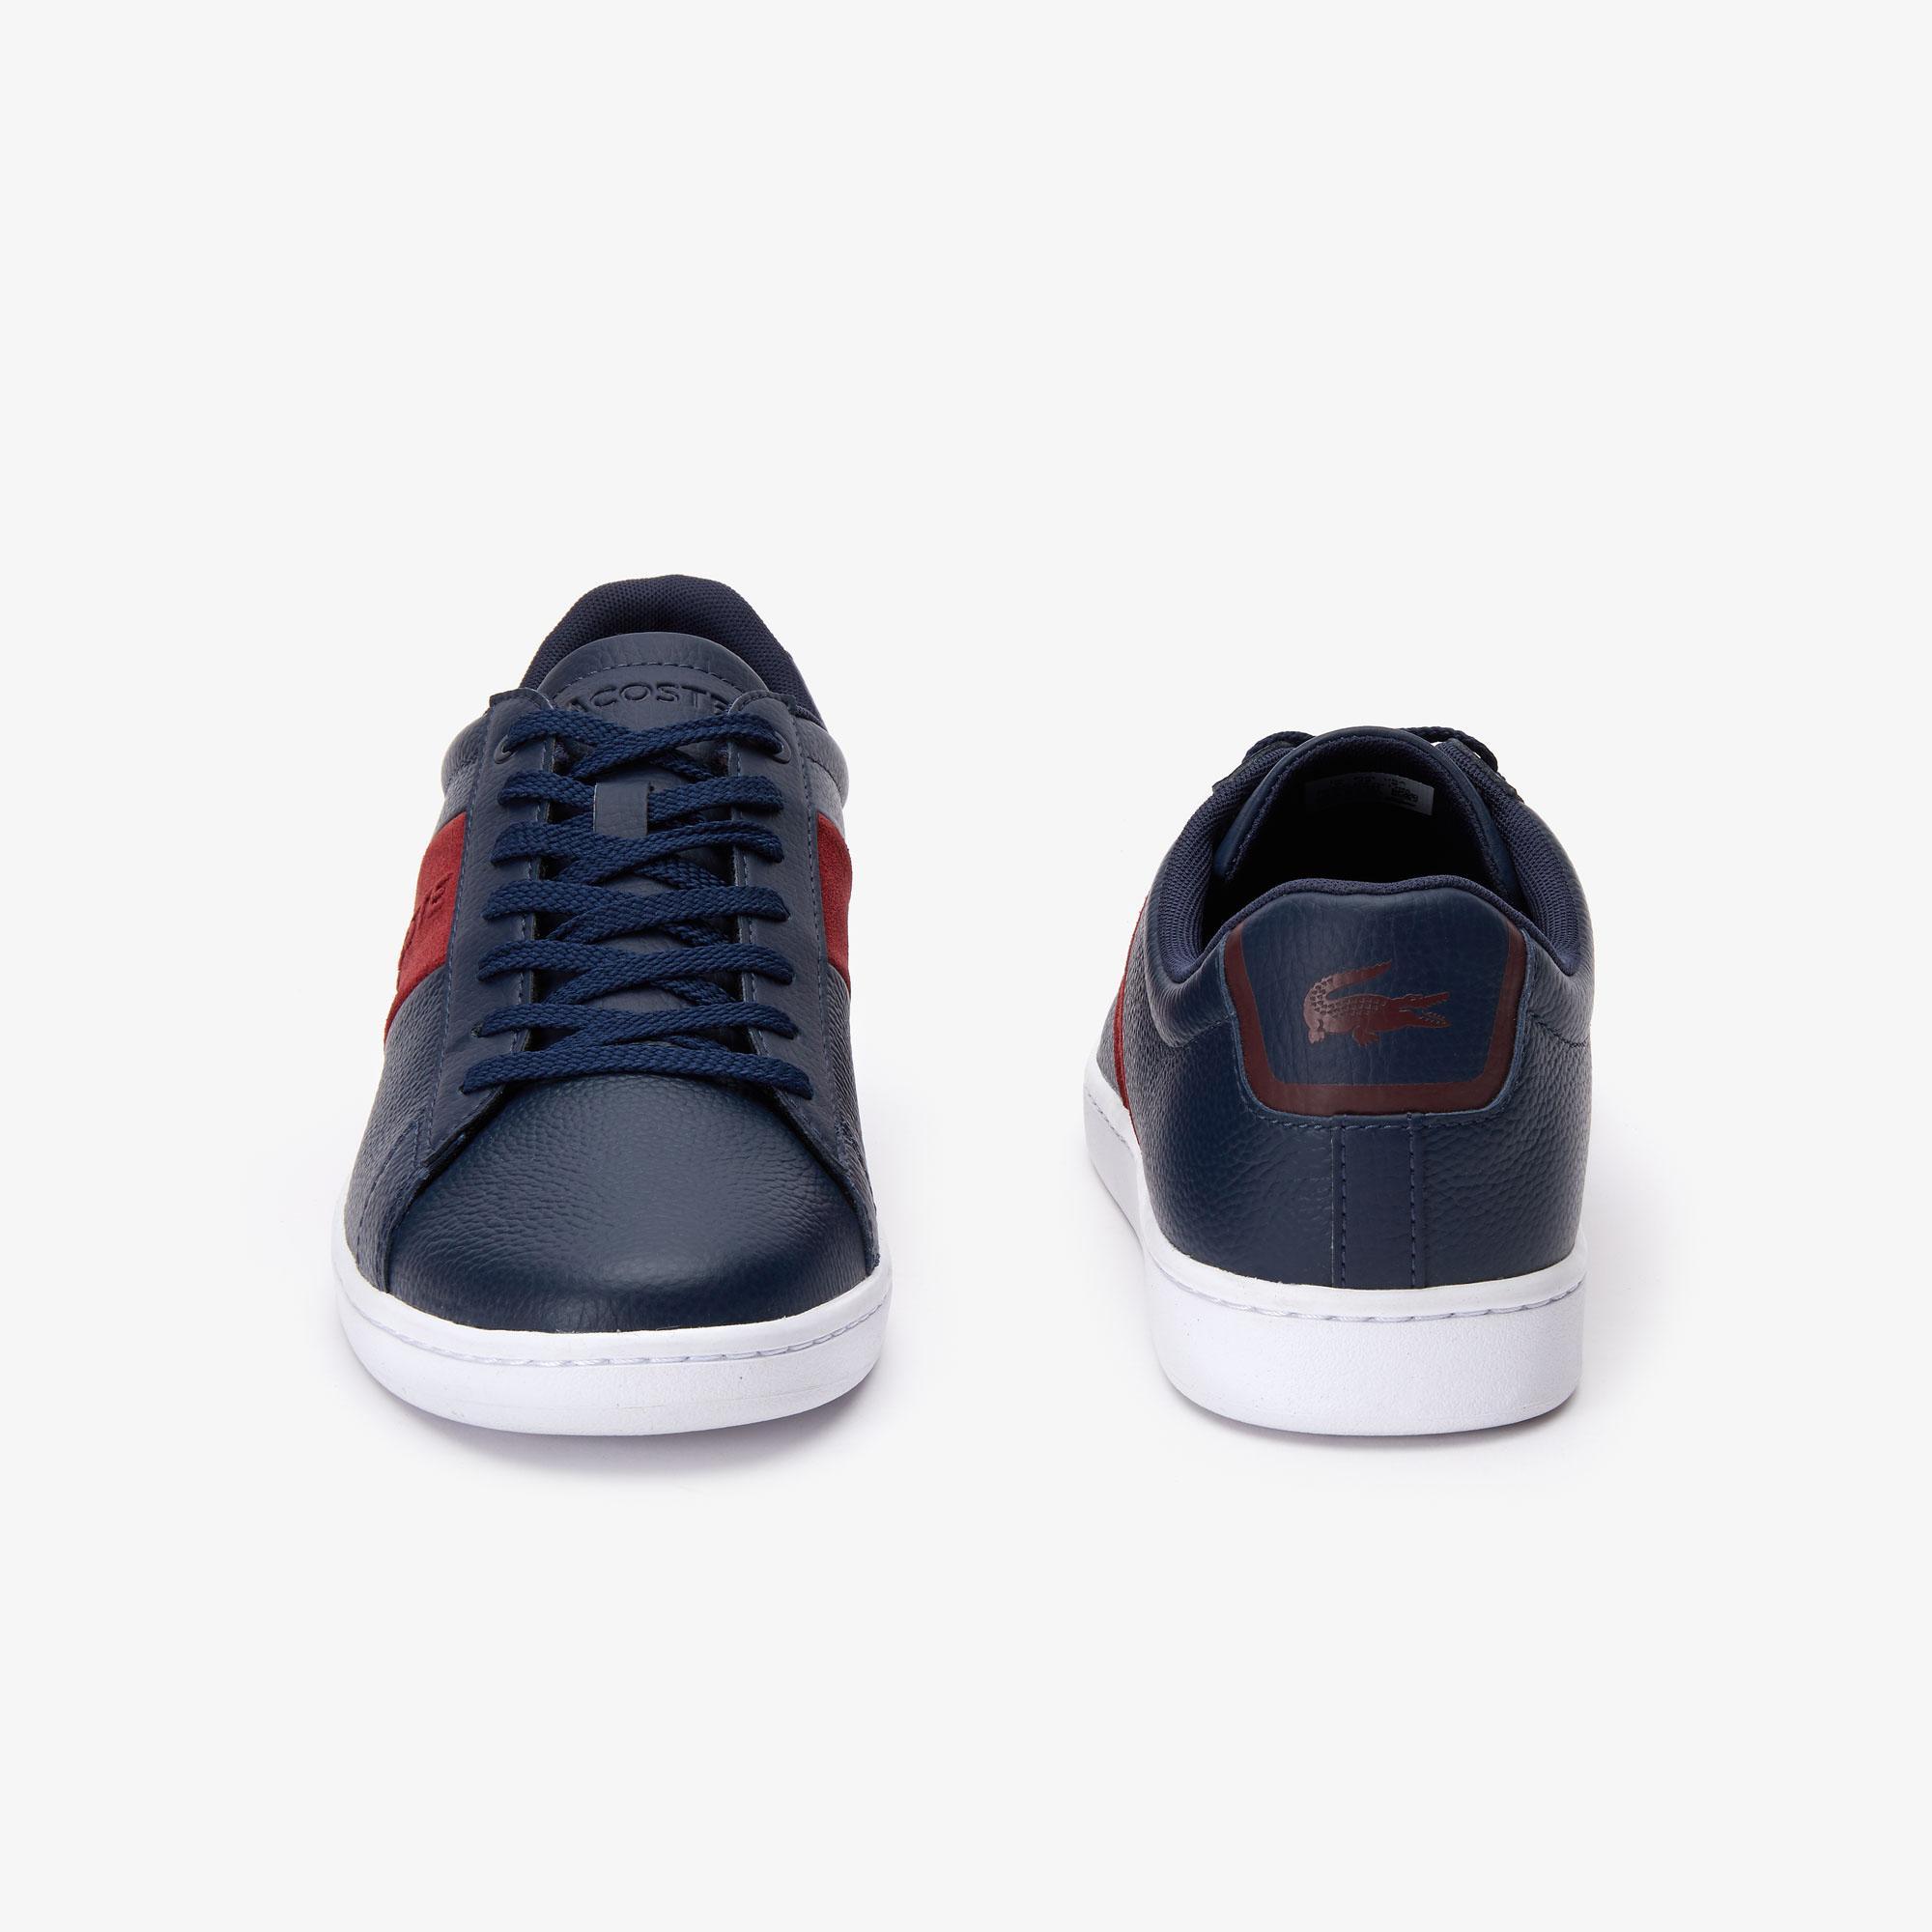 Lacoste Carnaby Evo 319 1 Sma Erkek Lacivert - Koyu Kırmızı Sneaker